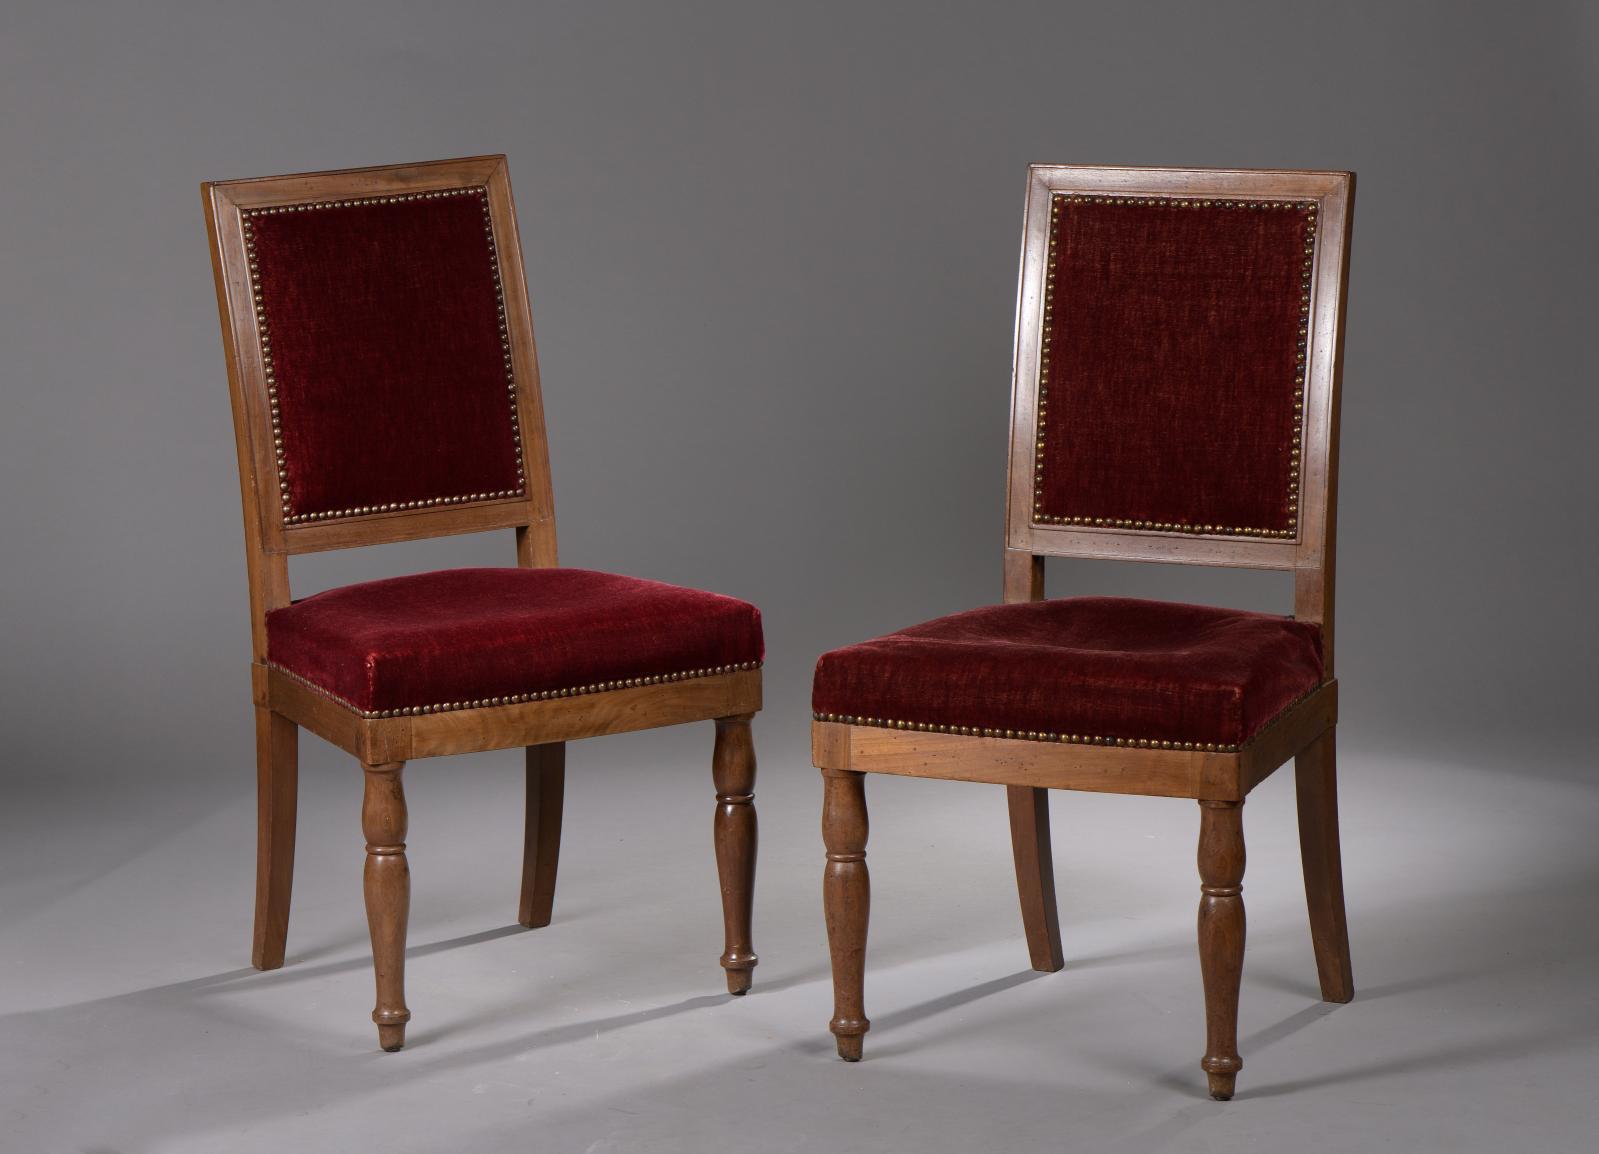 Ensemble de 24 chaises en acajou et placage d'acajou, l'une estampillée Jacob D.R.Meslée, trois d'époque Empire avec marque du Palais Royal, 21esta